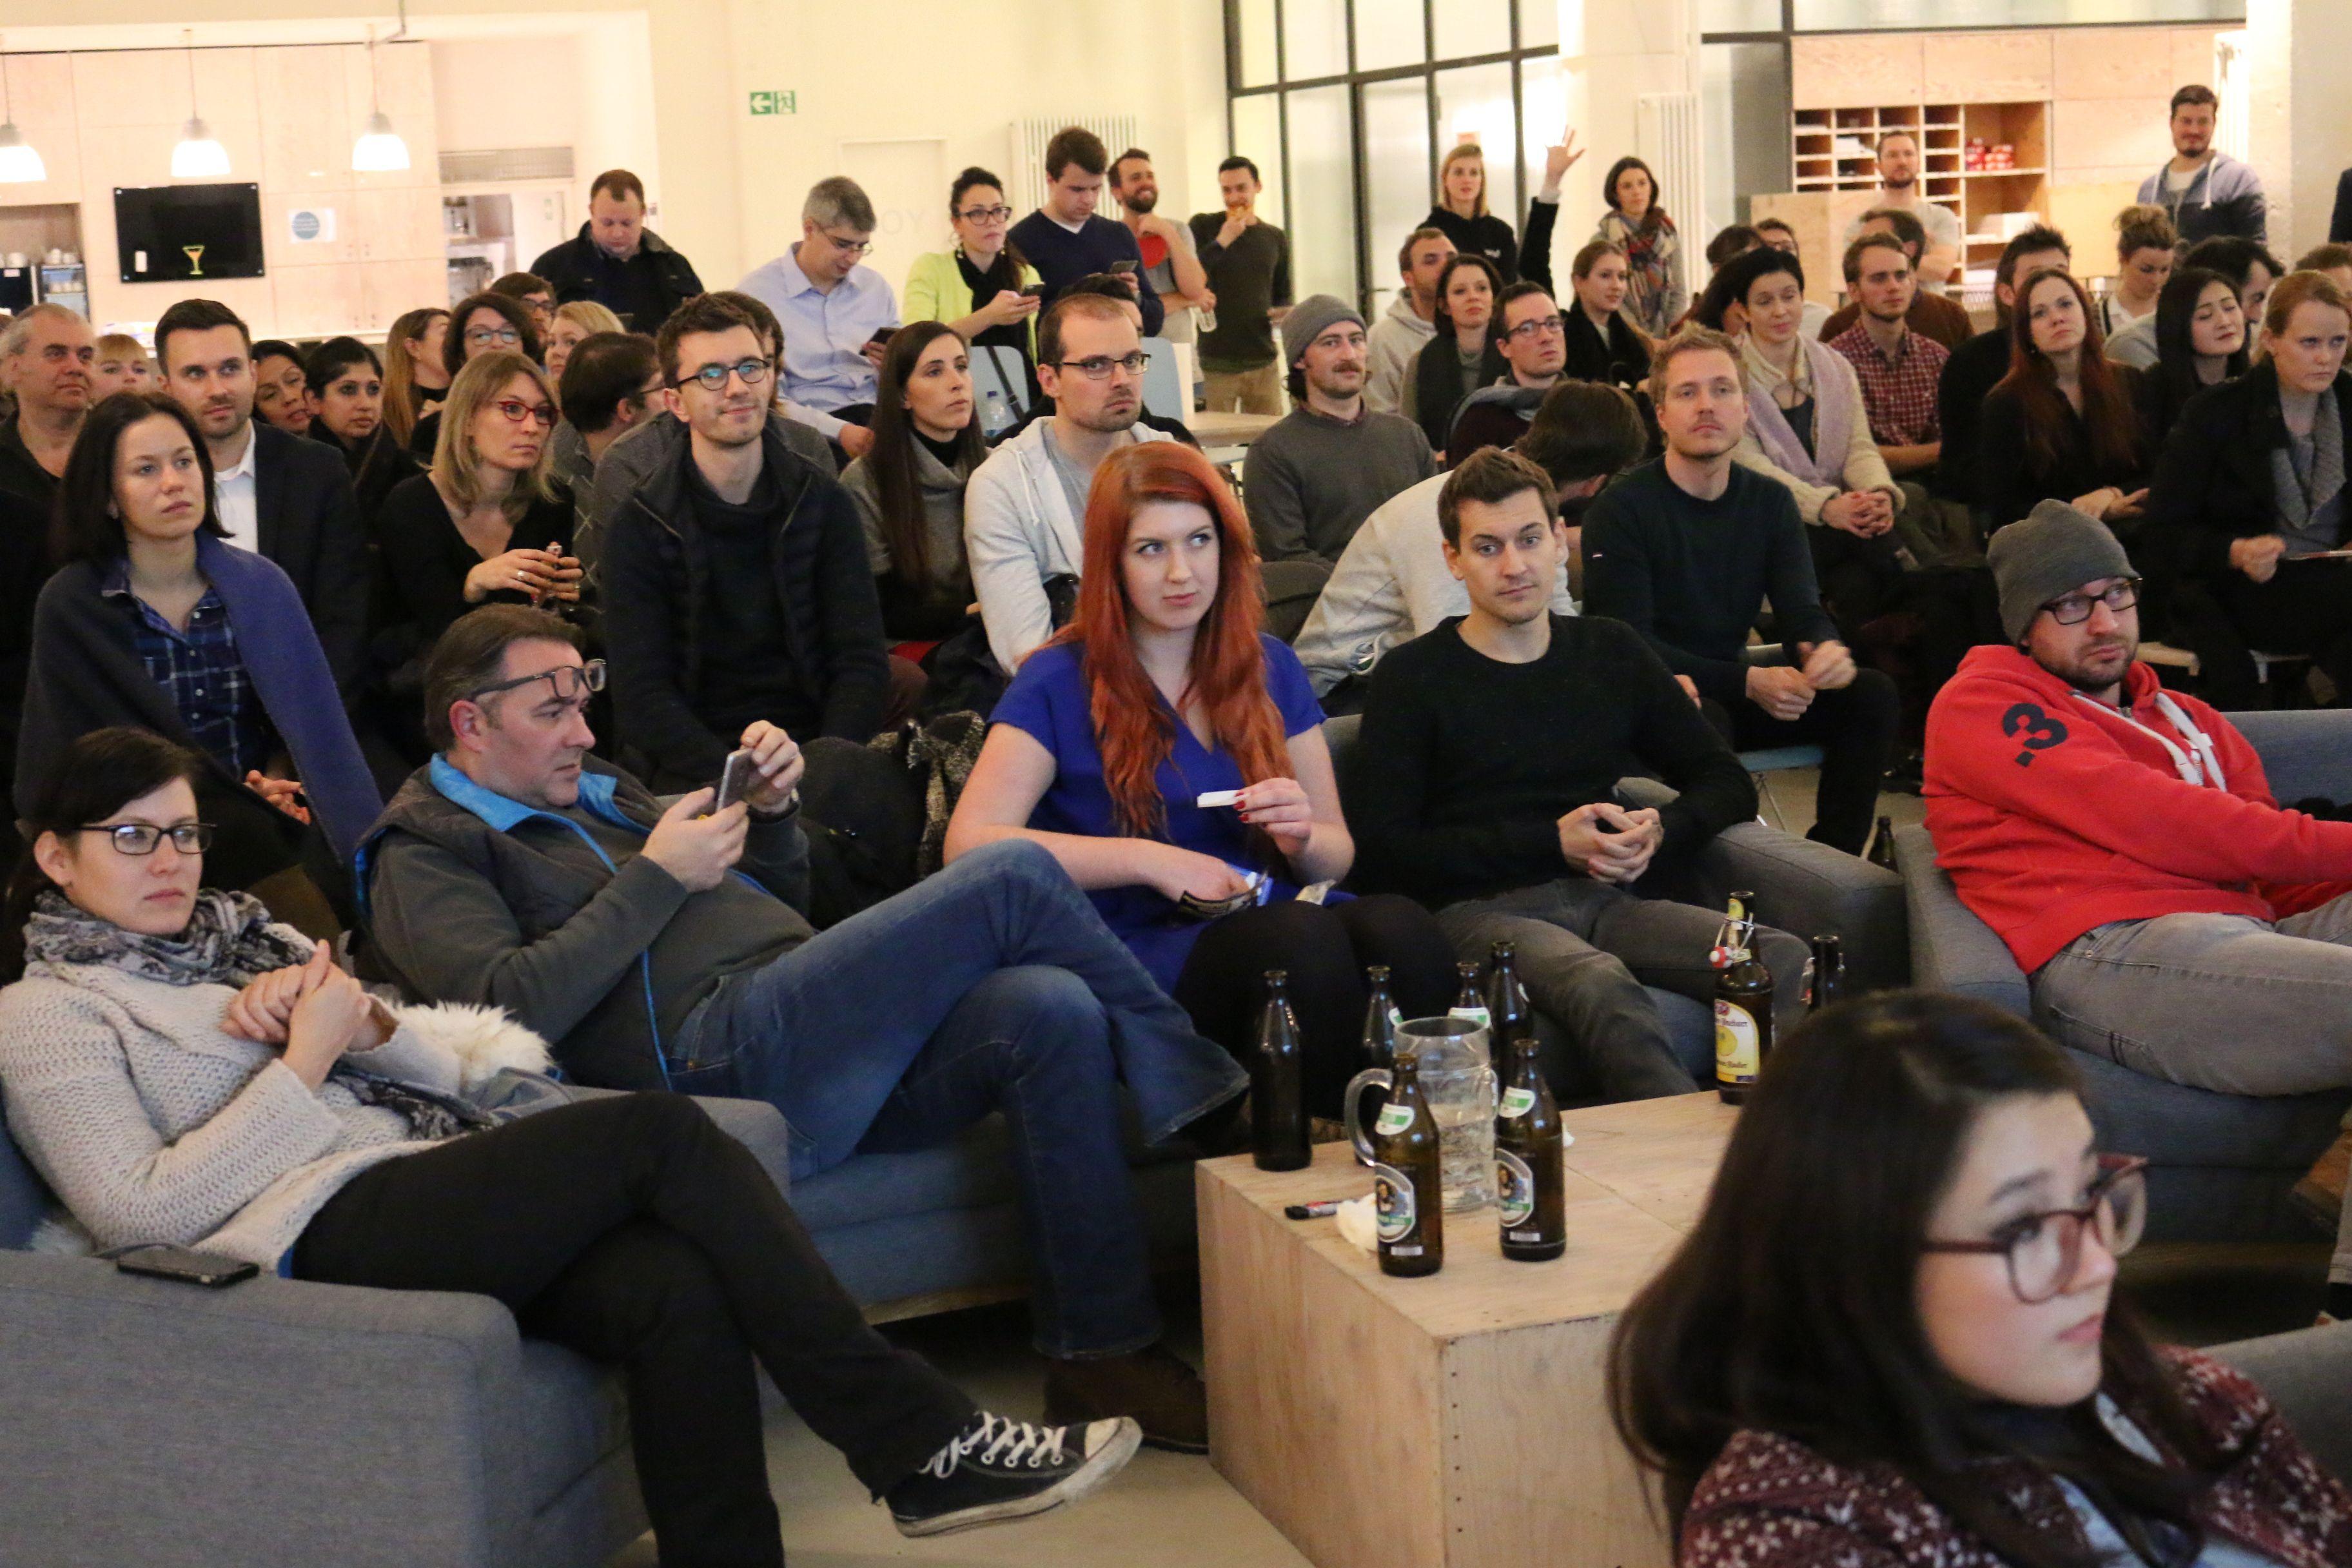 Munich Digital Marketing Institute